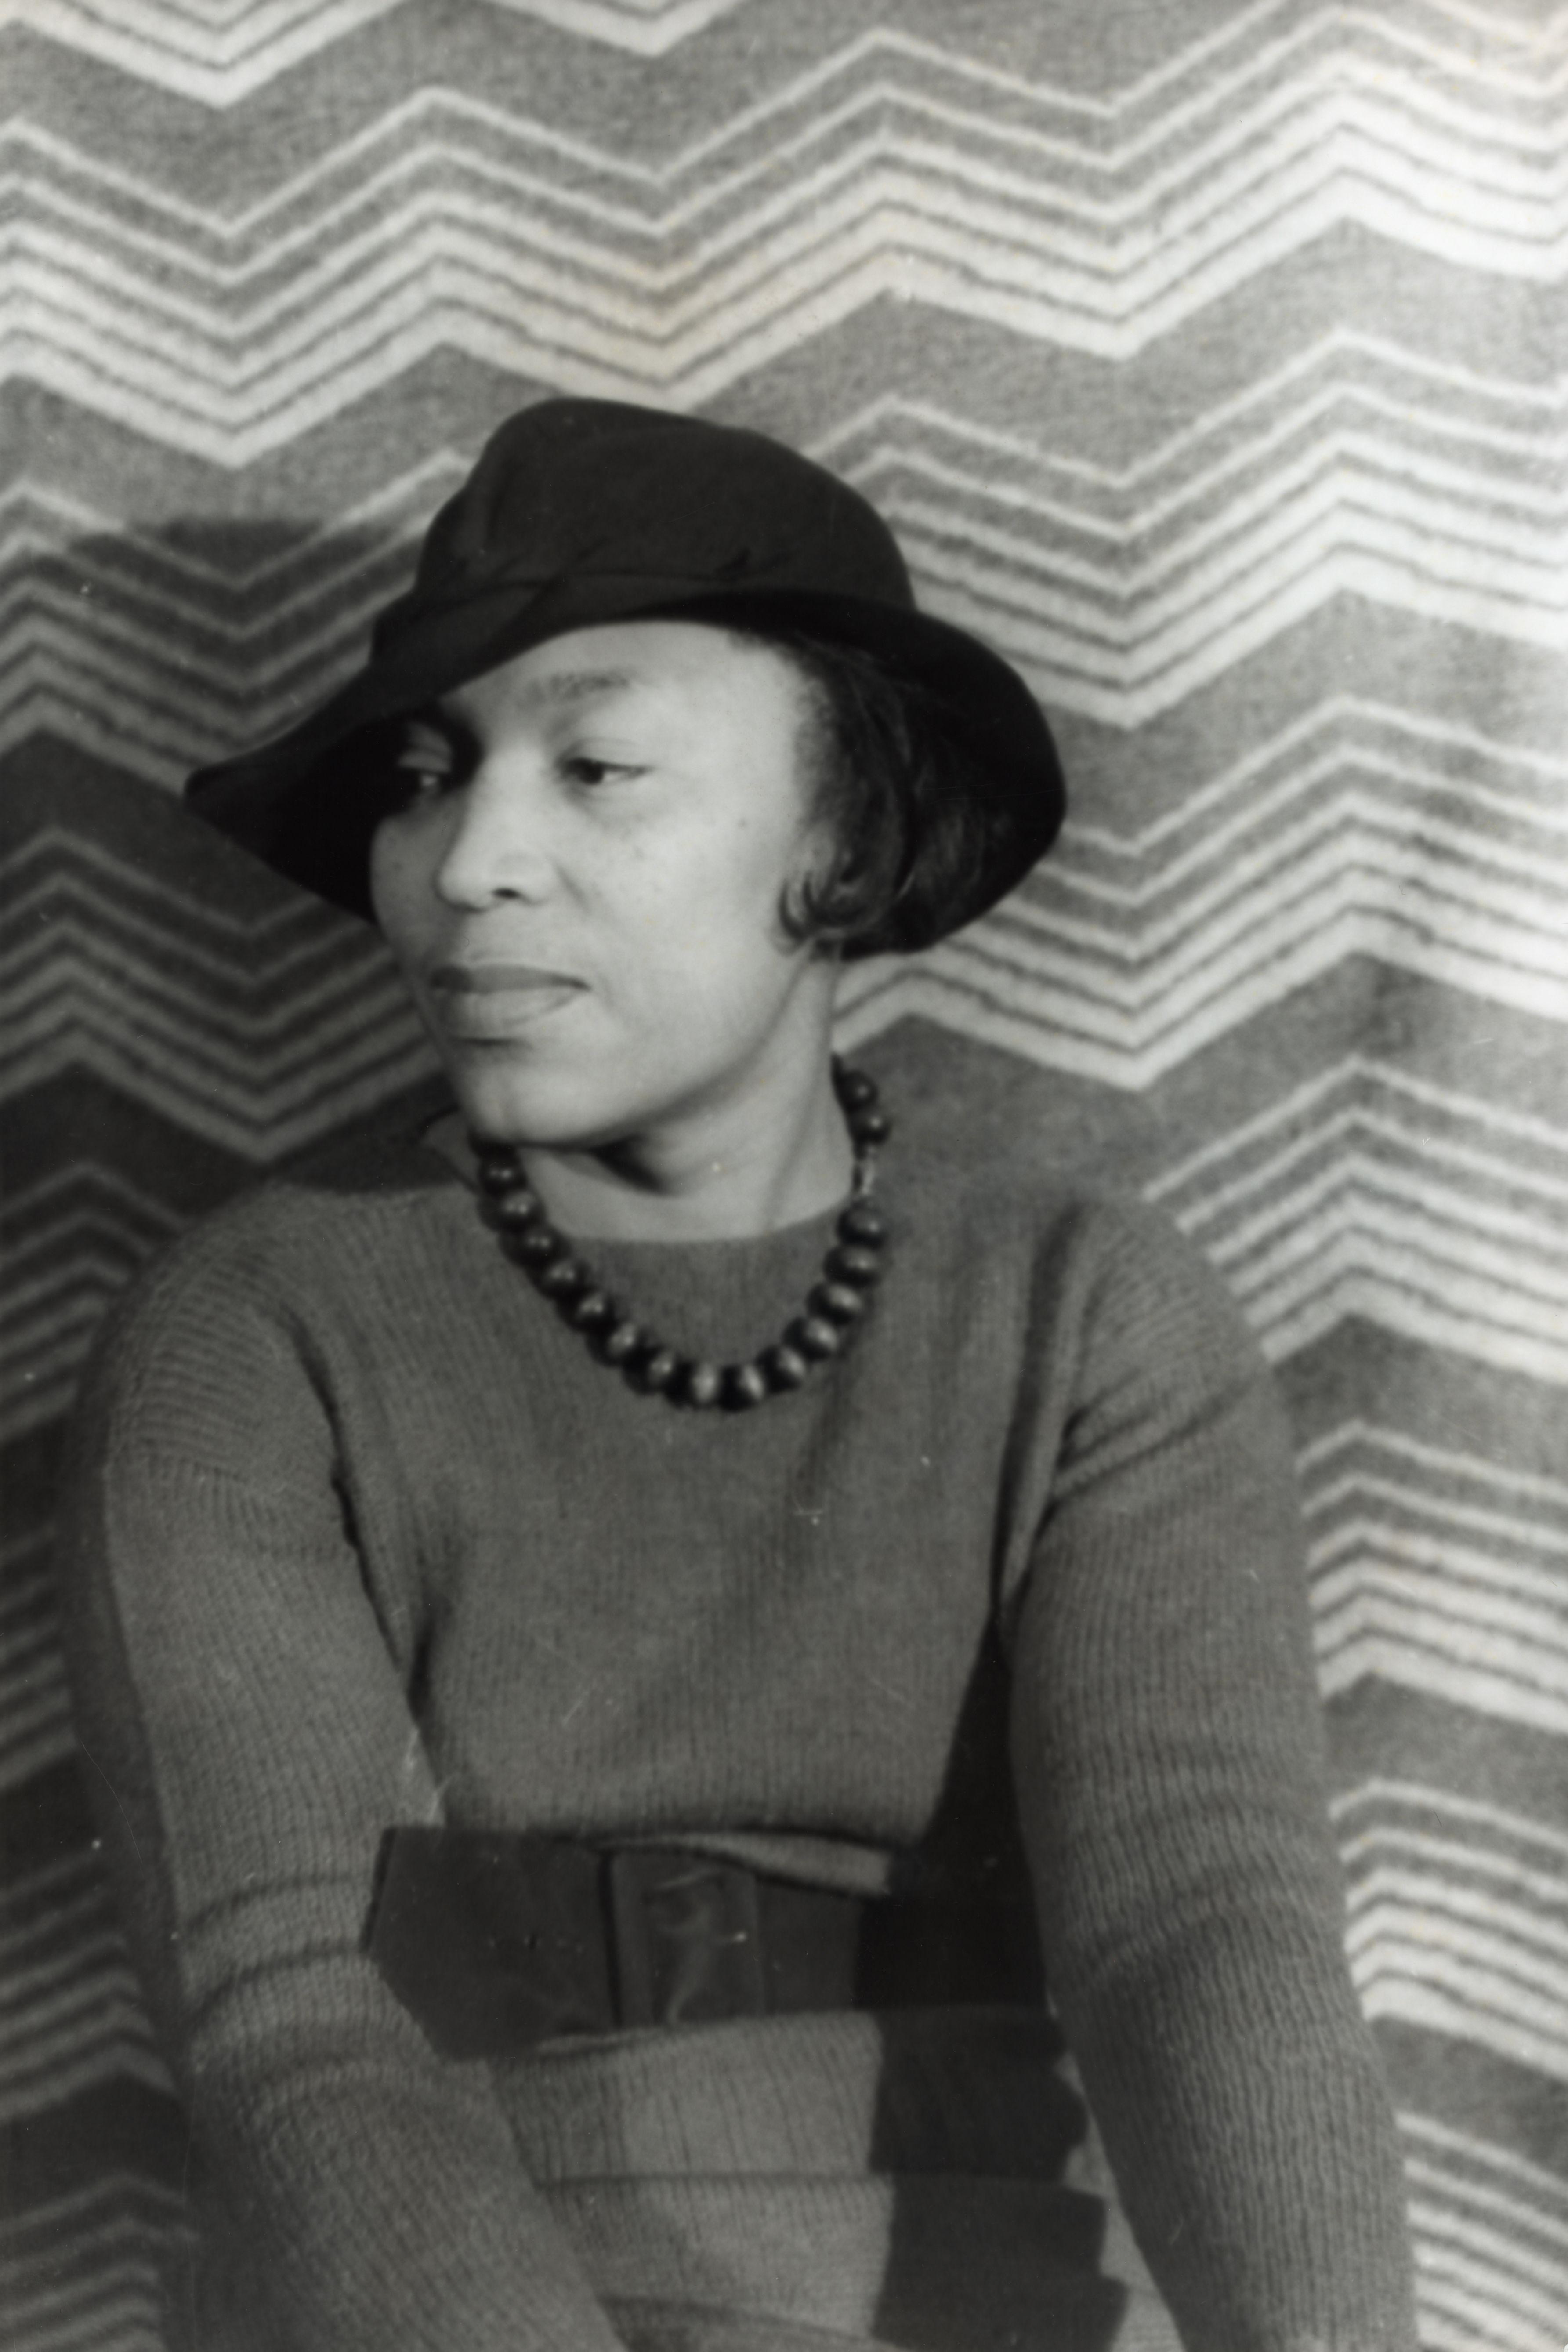 Zora Neale Hurston - Wikipedia, the free encyclopedia